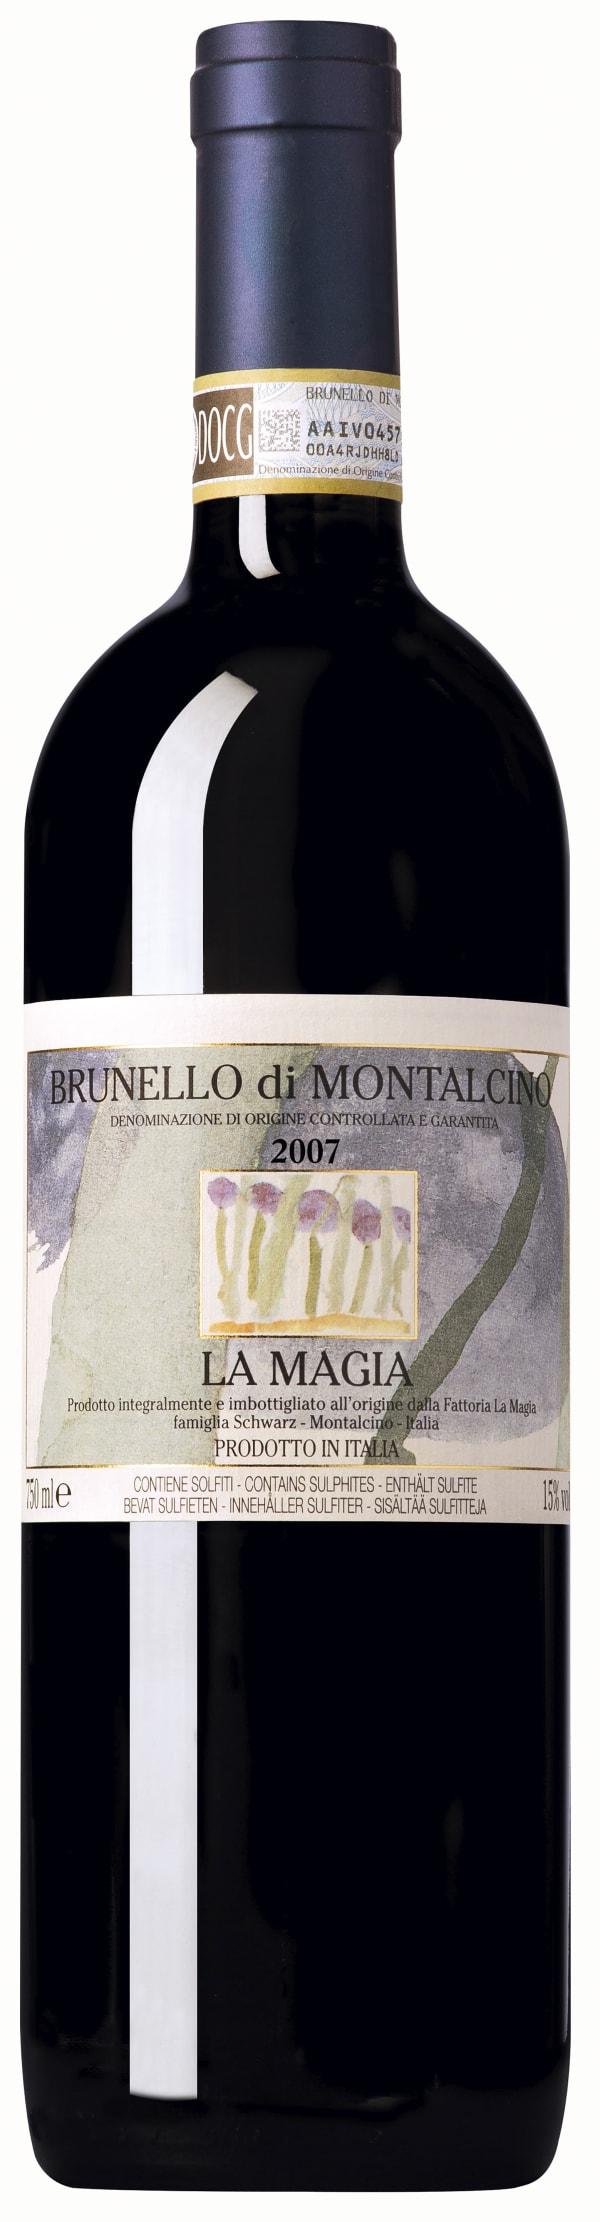 La Magia Brunello di Montalcino 2011